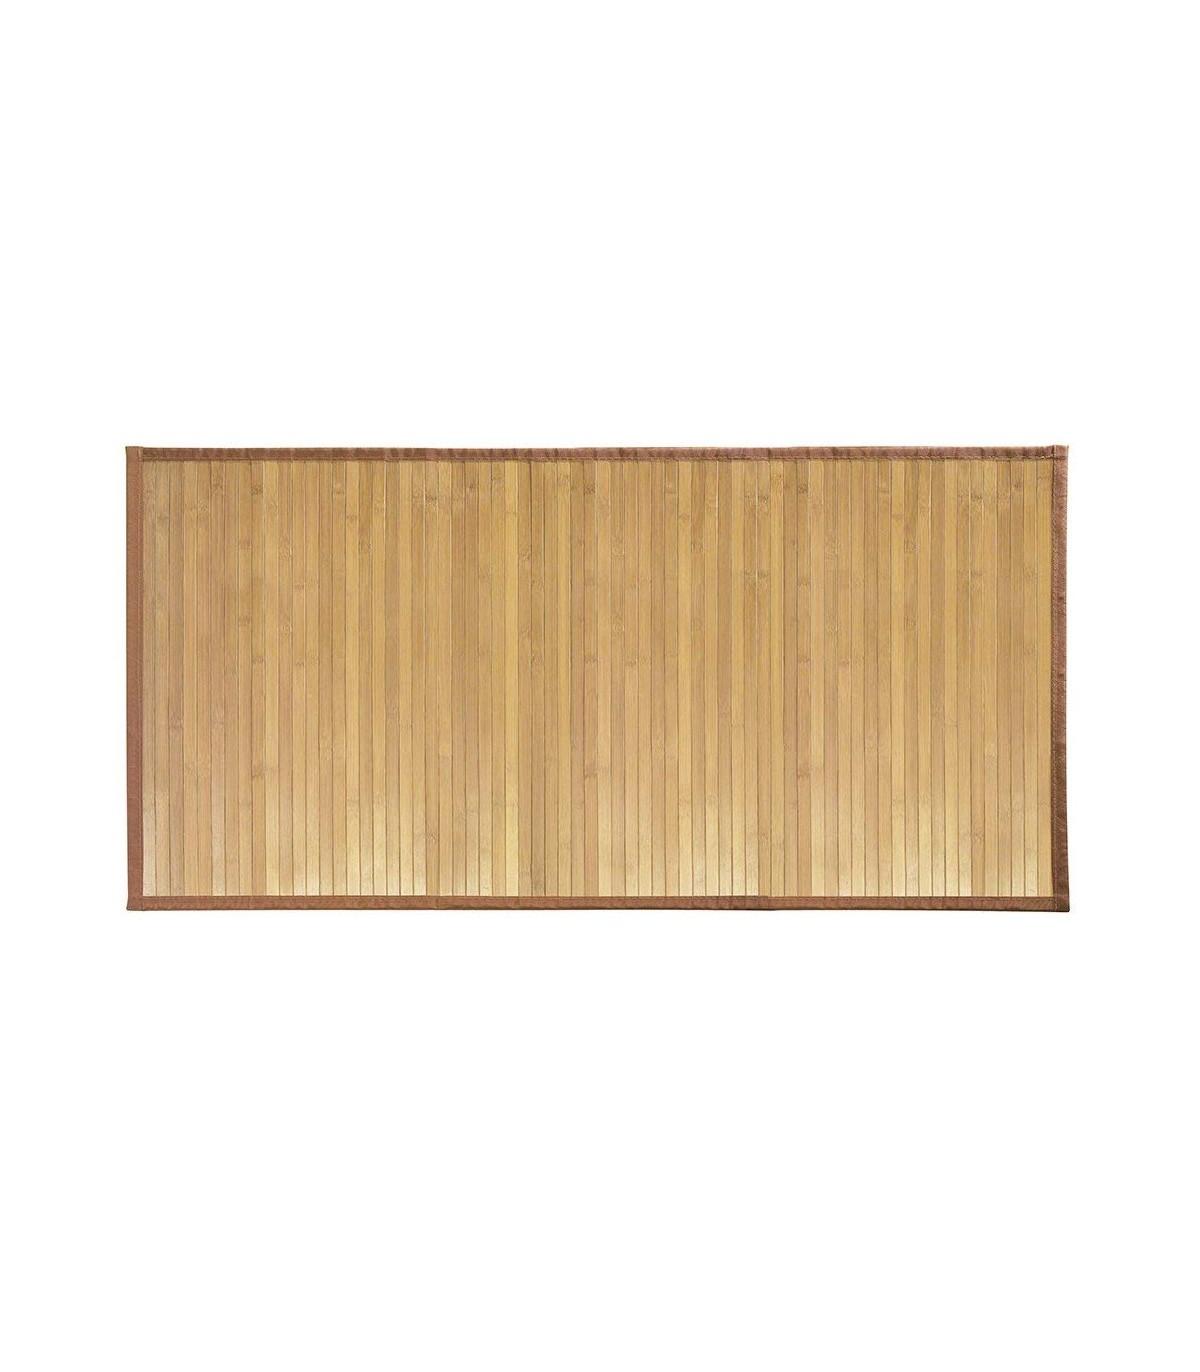 Tapis de bain en bambou 122 x 61 cm